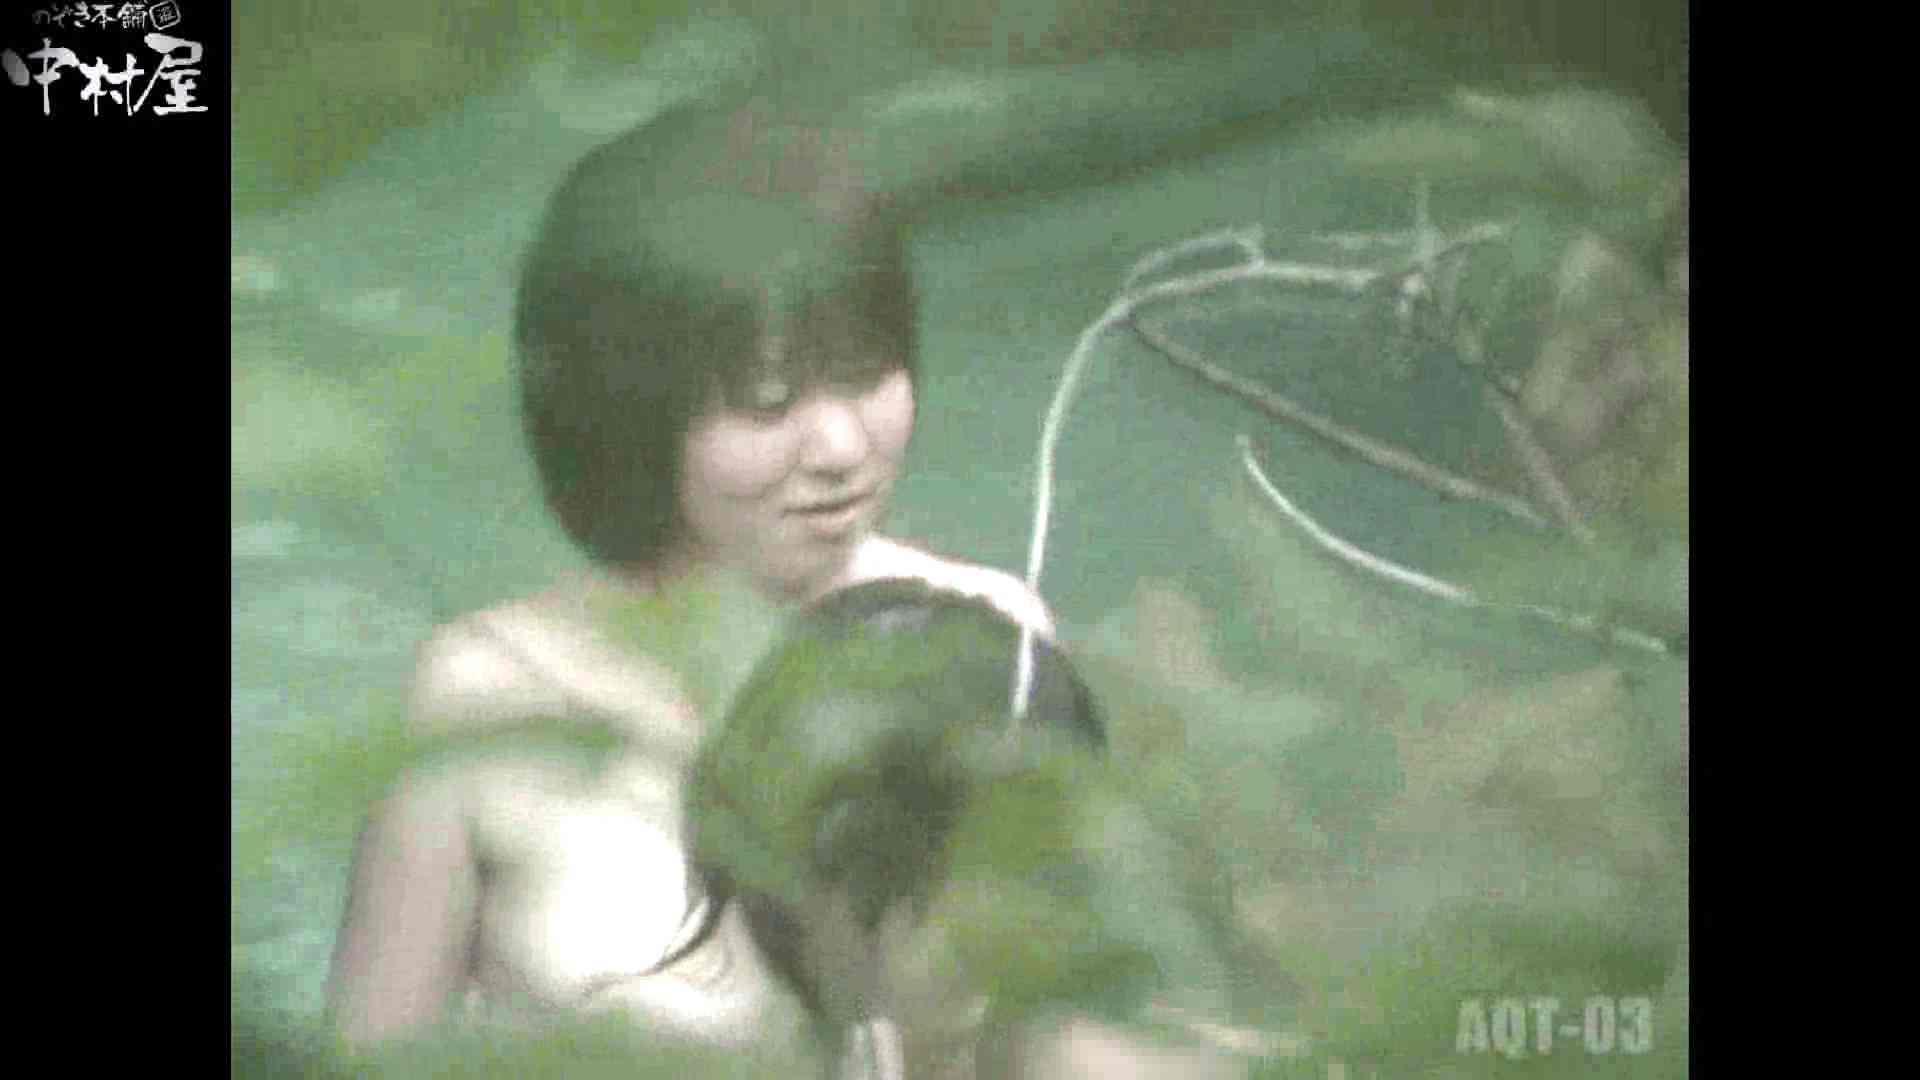 Aquaな露天風呂Vol.867潜入盗撮露天風呂参判湯 其の二 潜入 アダルト動画キャプチャ 58画像 14